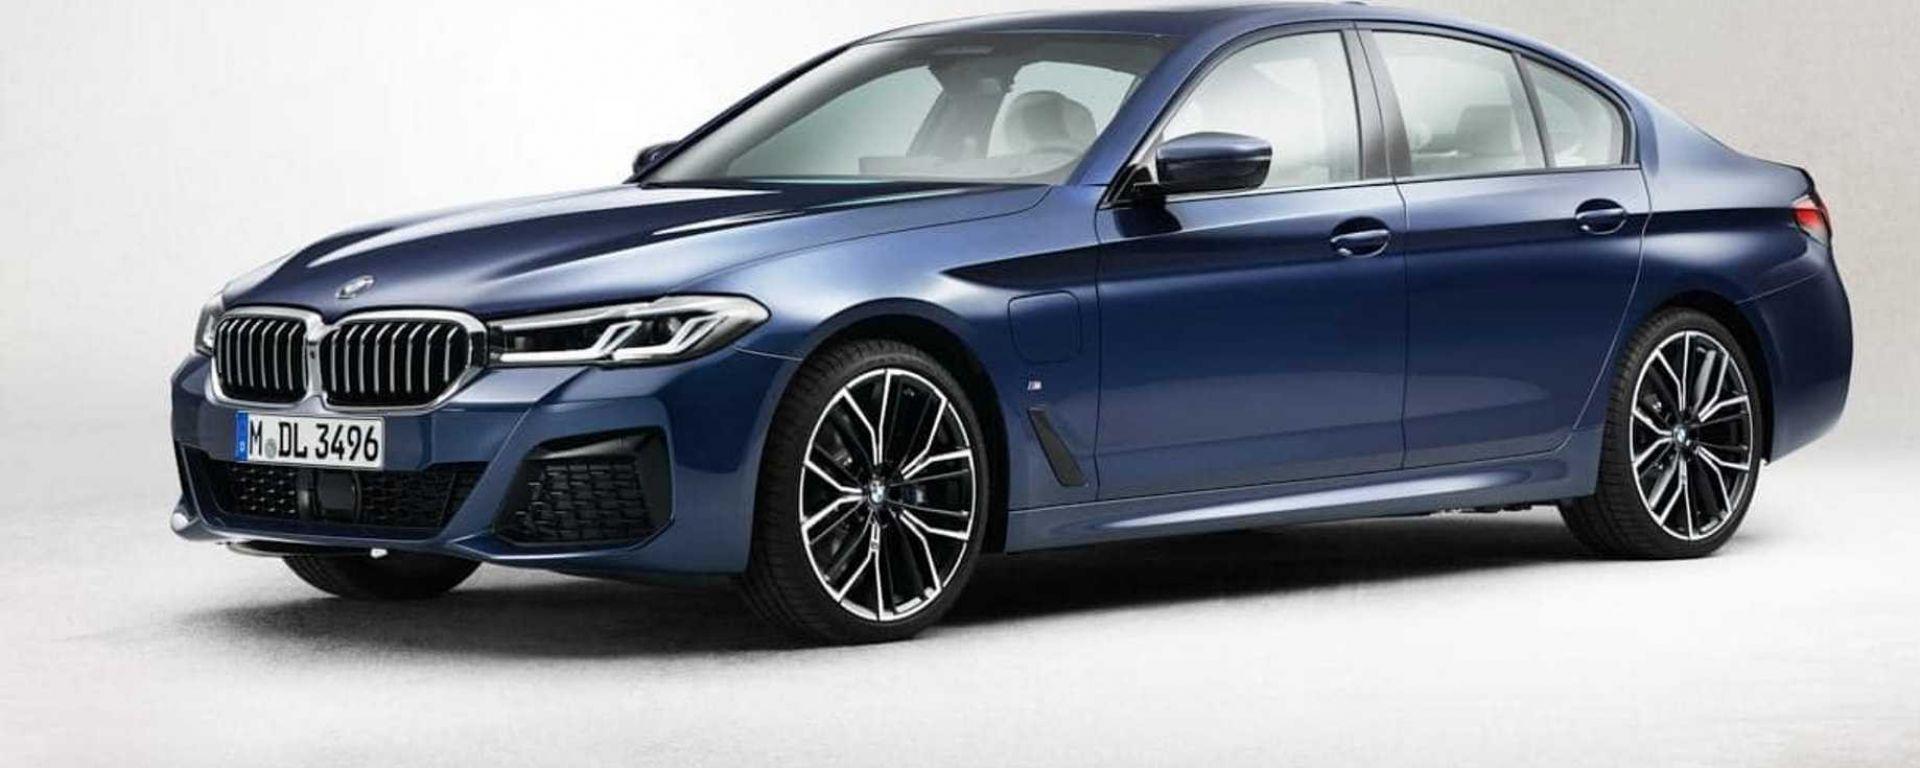 Nuova BMW Serie 5: dettaglio frontale